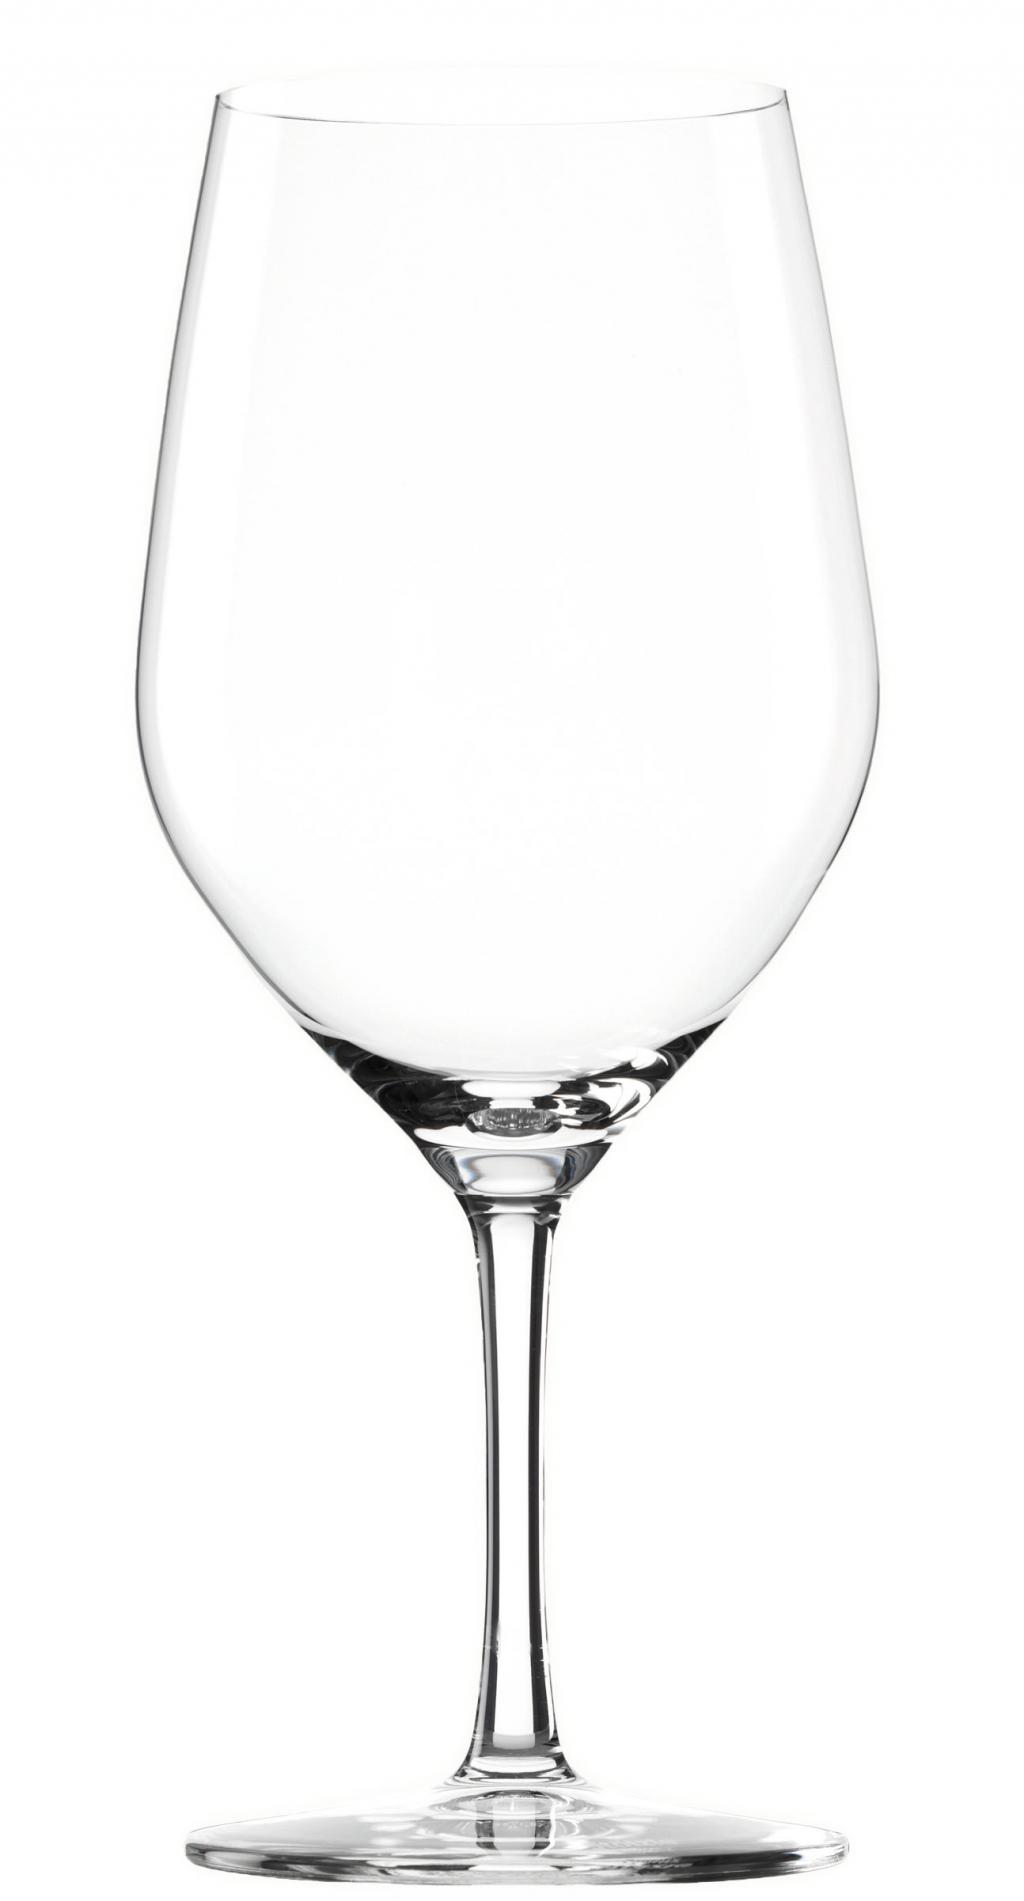 Comprar copas de vino de cristal modelo gourmet 55cl for Copas de cristal